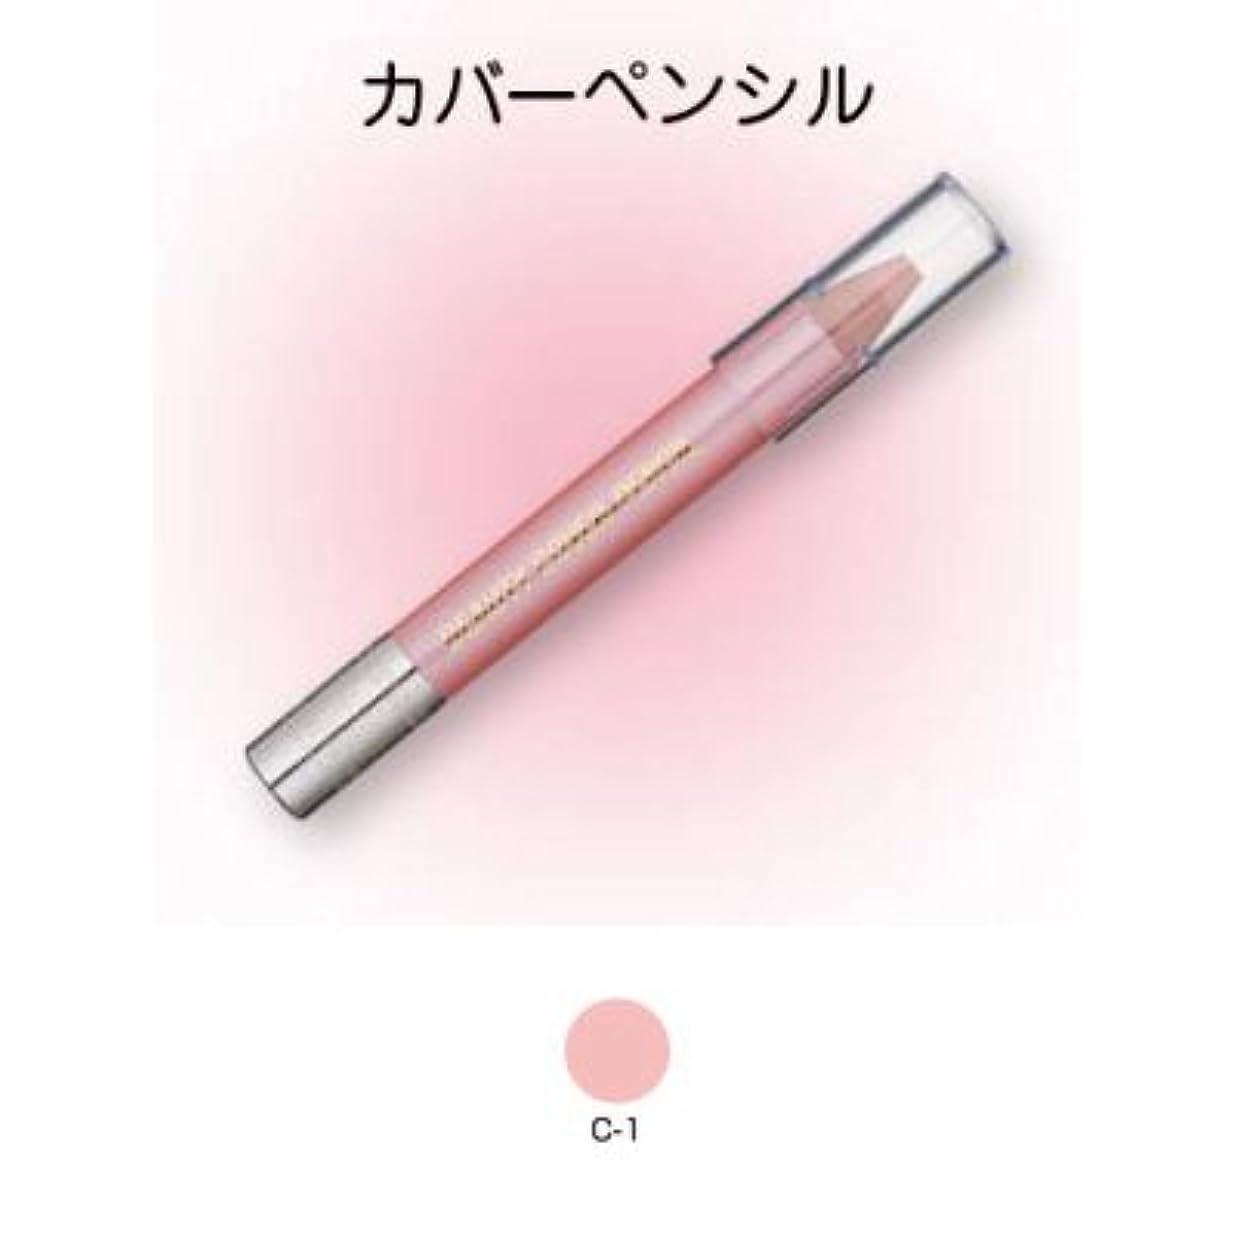 ビューティーカバーペンシル C-1【三善】